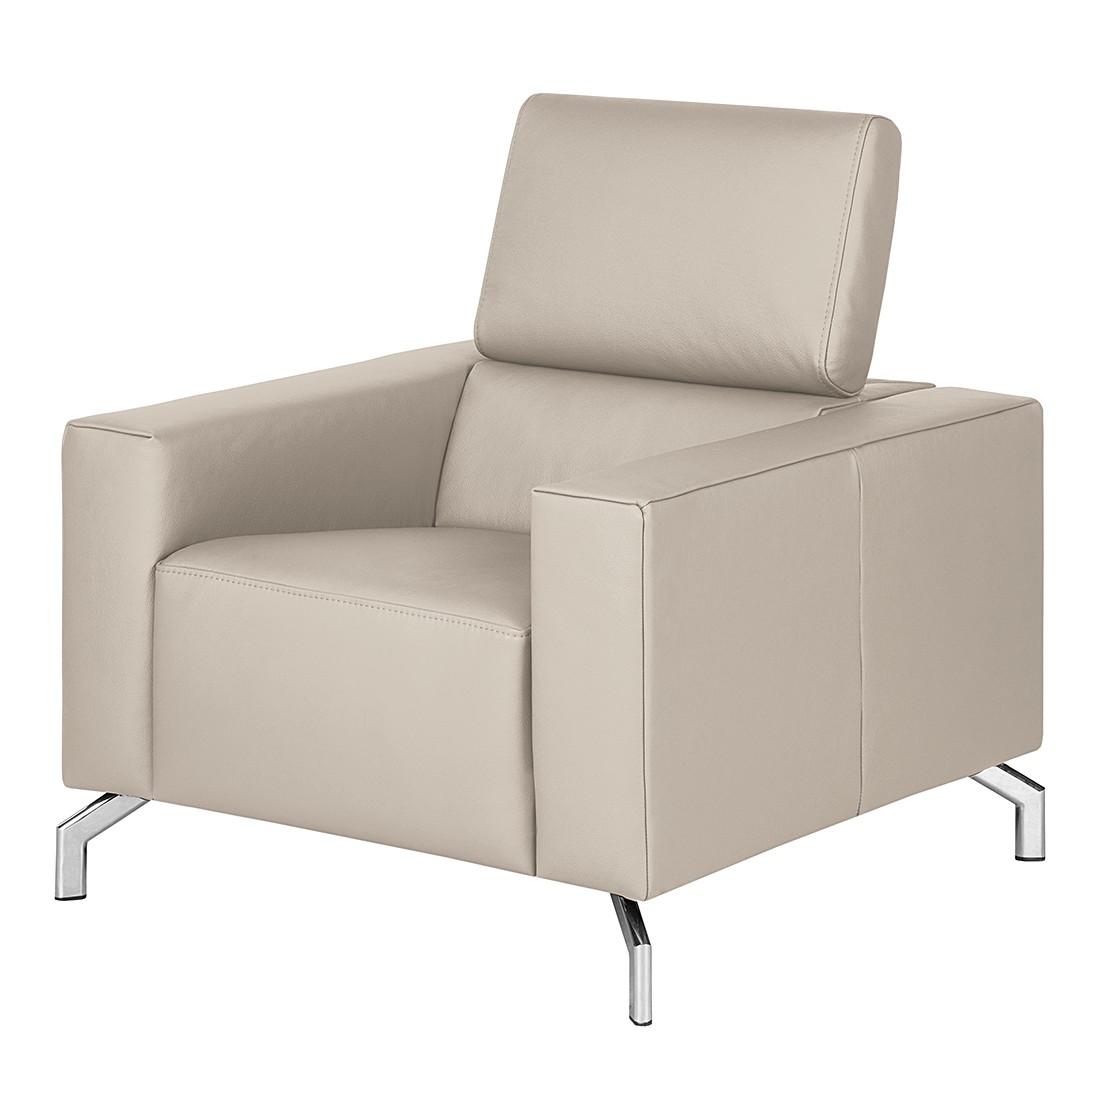 sessel varberg echtleder taupe loftscape g nstig online kaufen. Black Bedroom Furniture Sets. Home Design Ideas